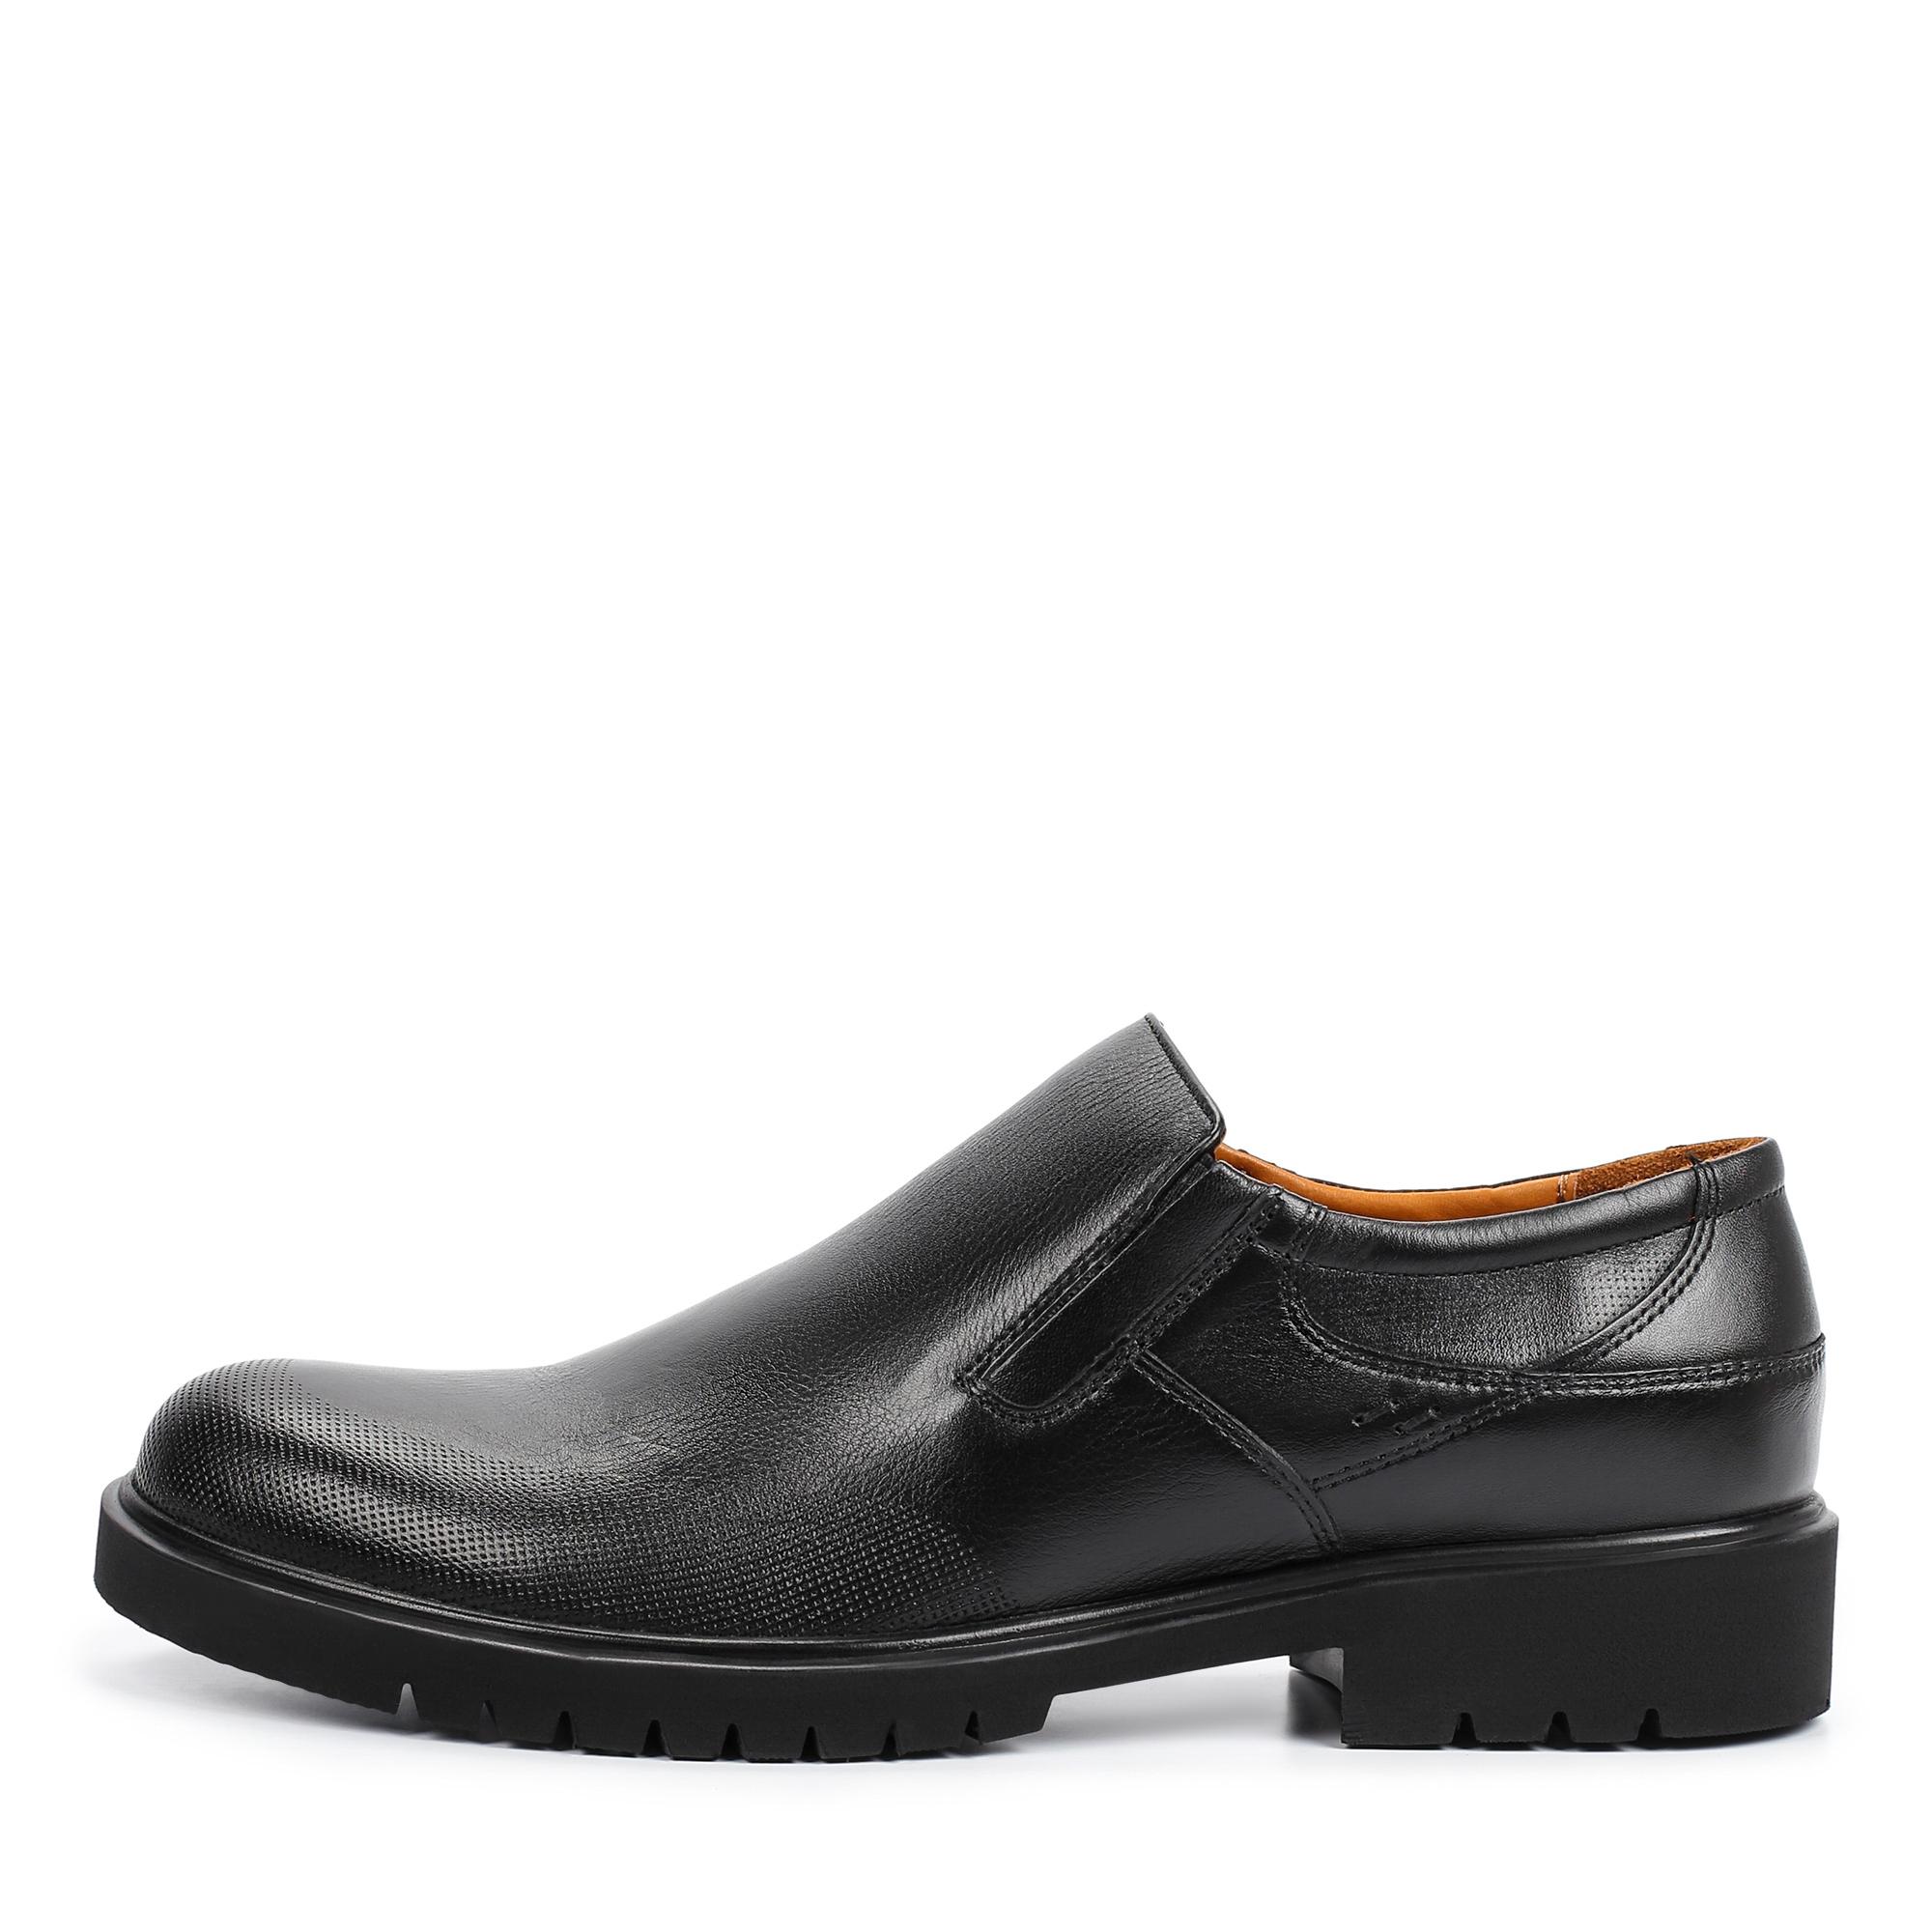 Туфли/полуботинки Salamander 331-062B-1102